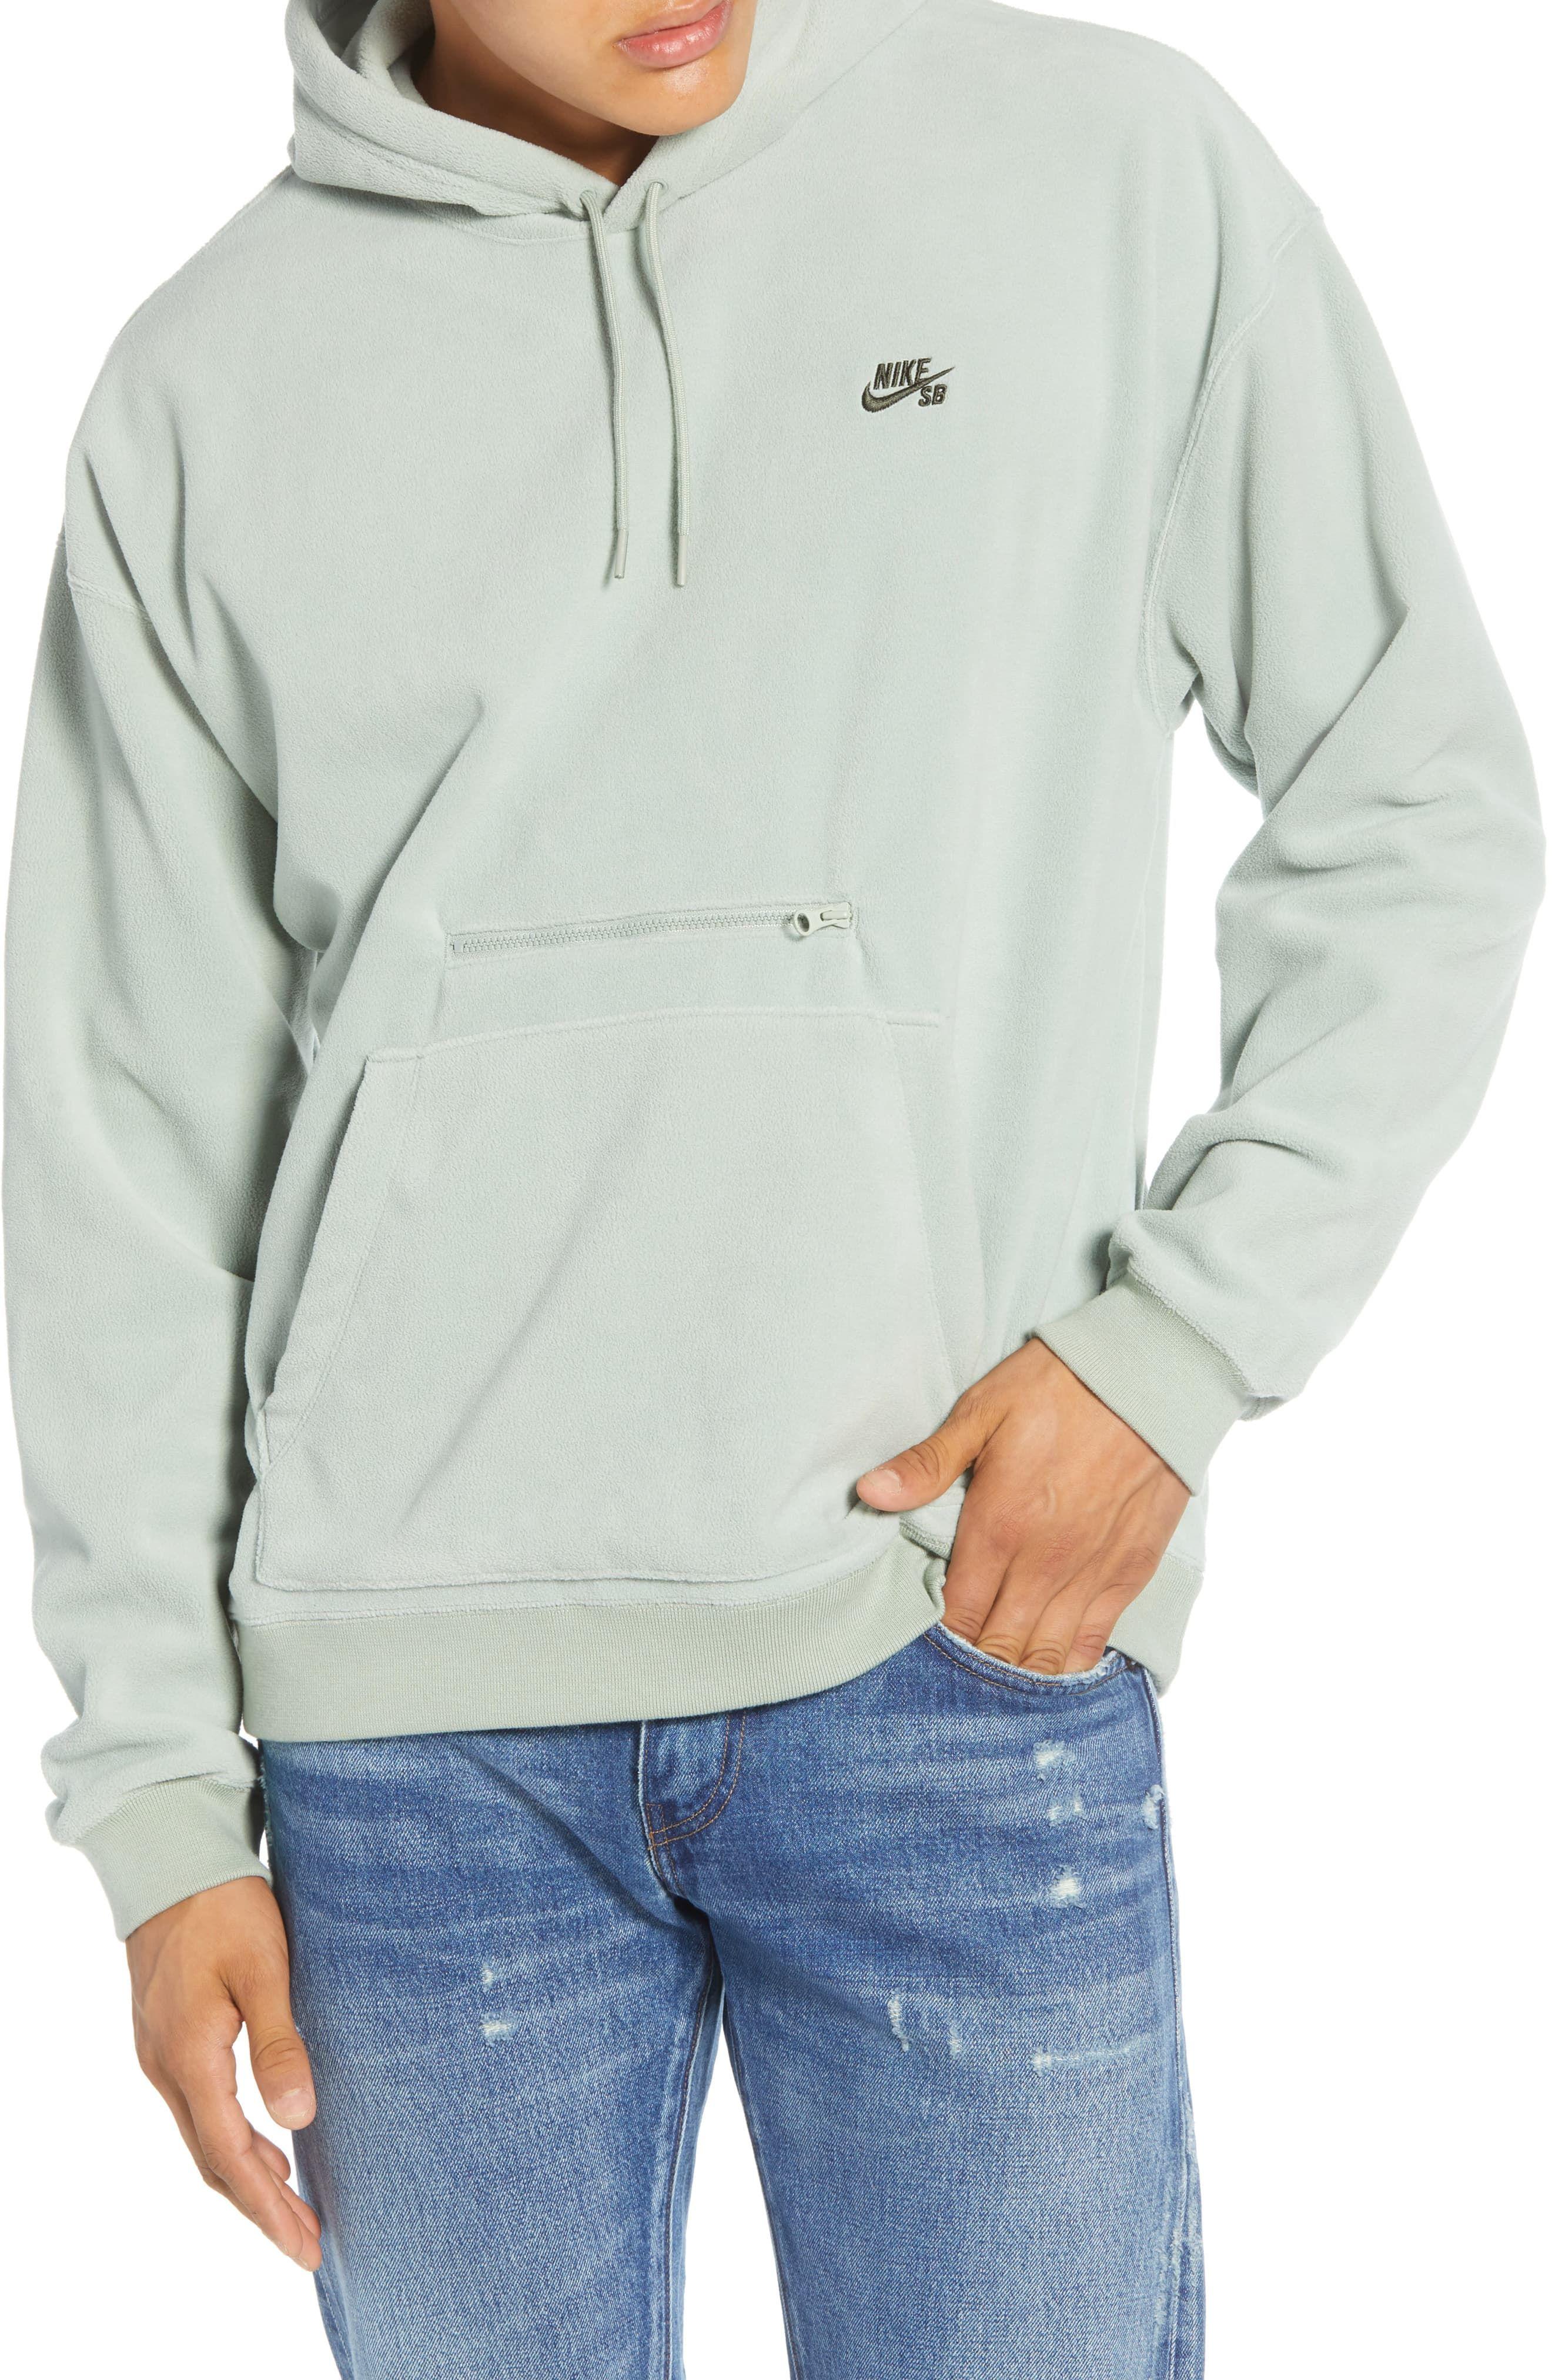 Nike Sb Fleece Hoodie Nordstrom Fleece Hoodie Hoodies Hoodie Fashion Mens [ 4048 x 2640 Pixel ]